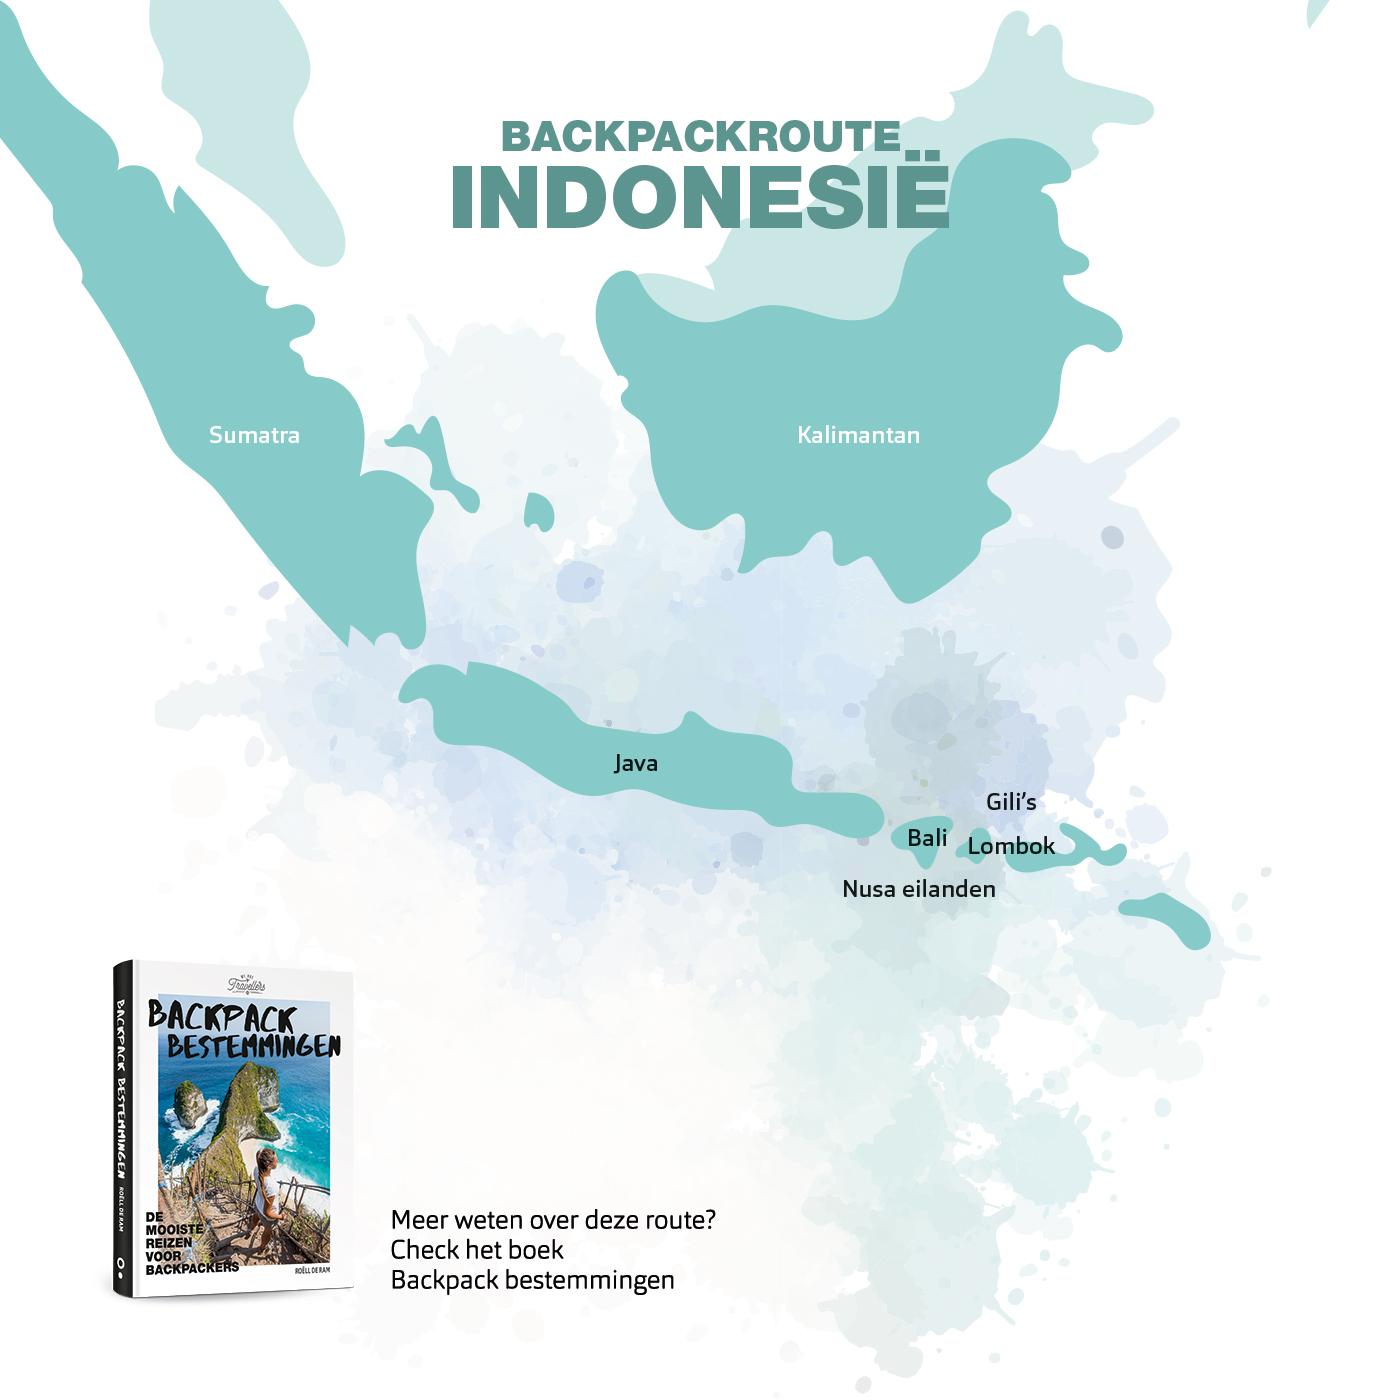 backpack route indonesie boek backpack bestemmingen